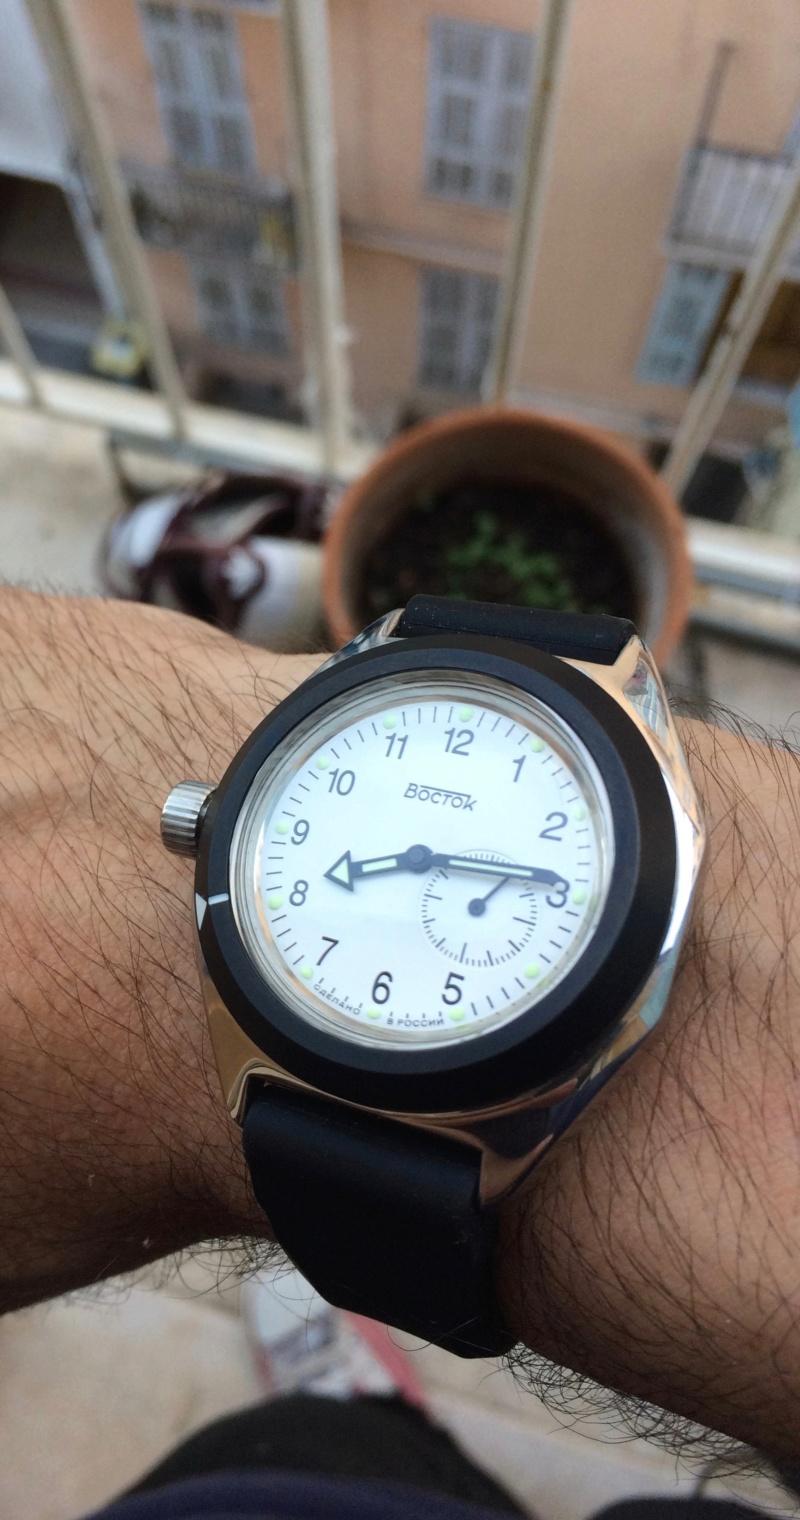 Vos montres russes customisées/modifiées - Page 8 Img_2116